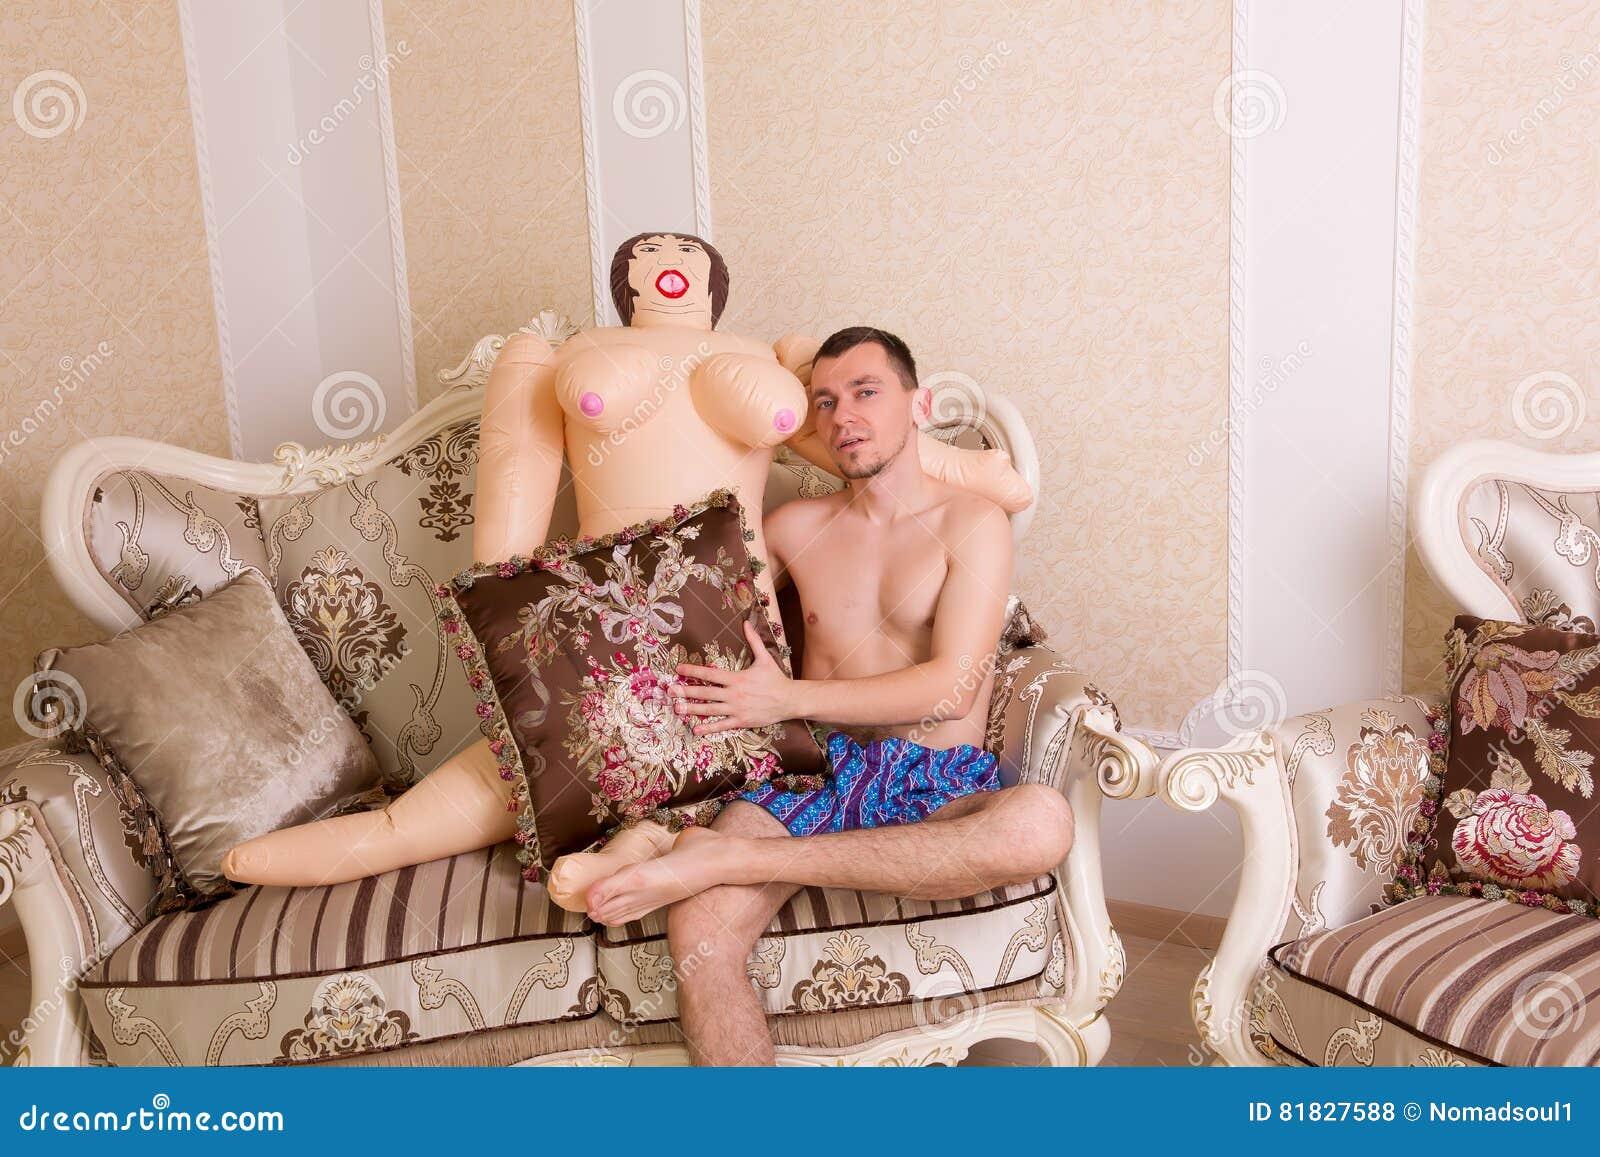 nu sexe photos